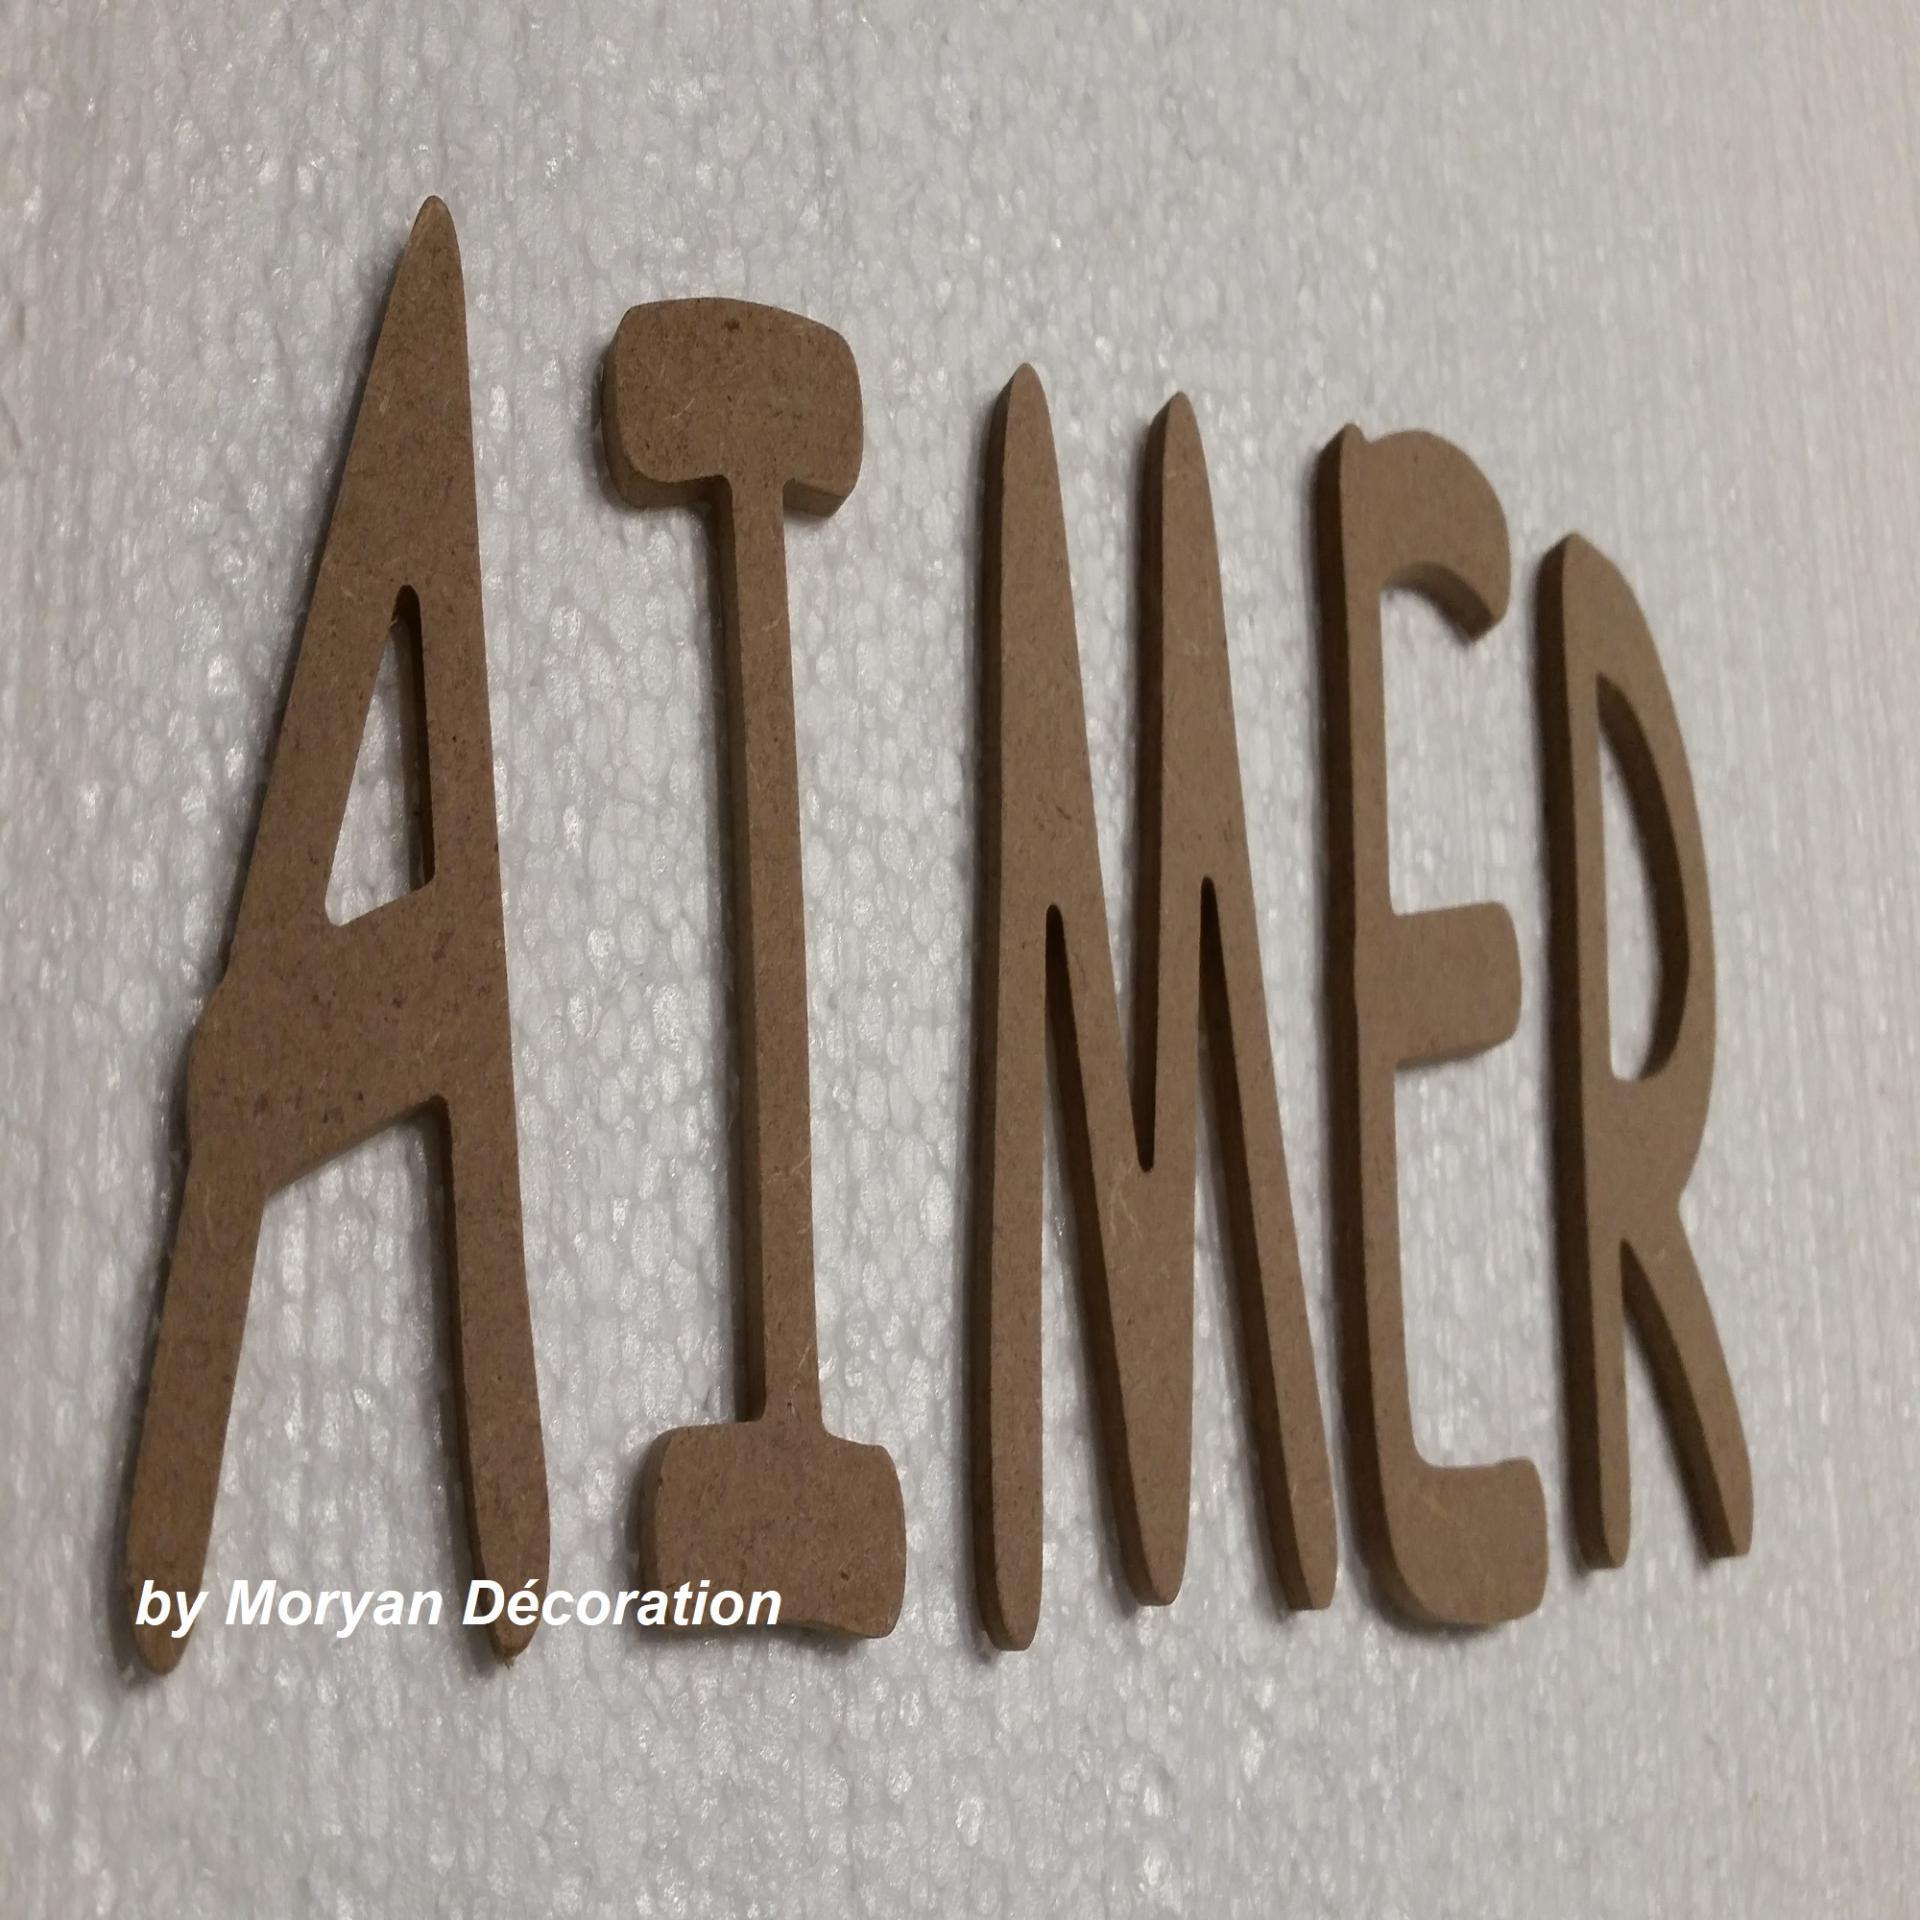 Lettre en bois decorative aimer 50 cm